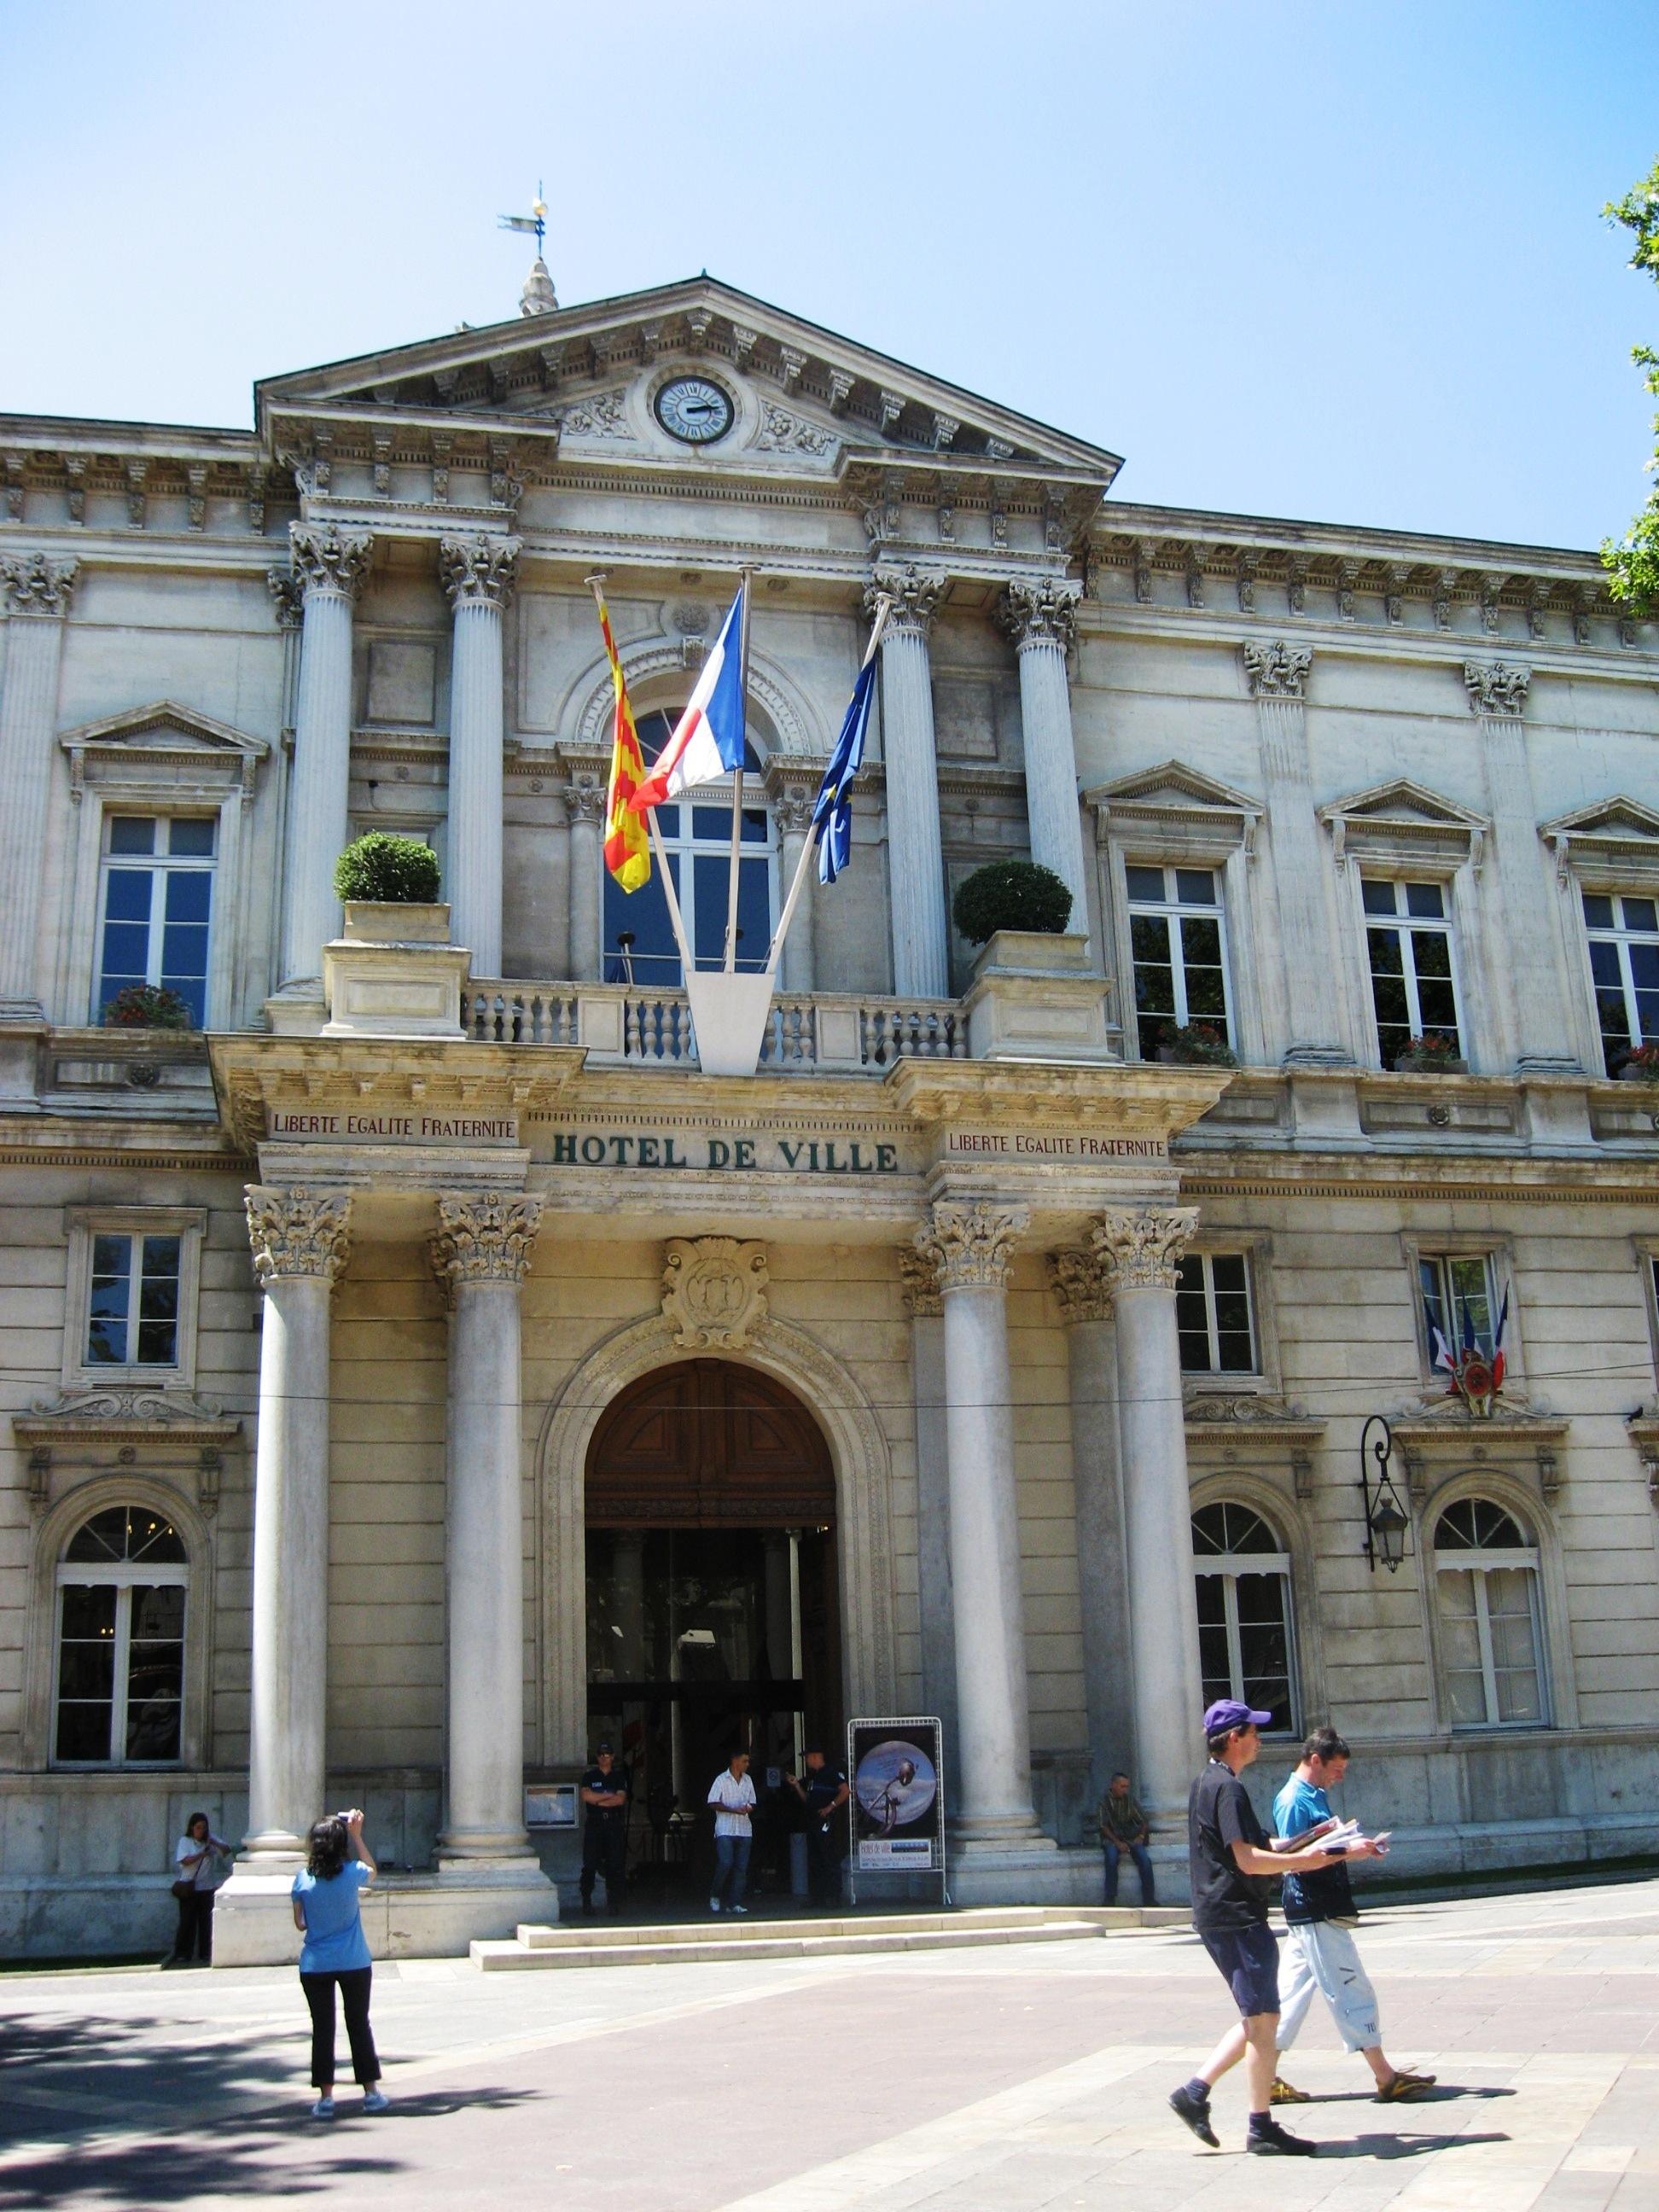 Hotel Avignon Gare Tgv